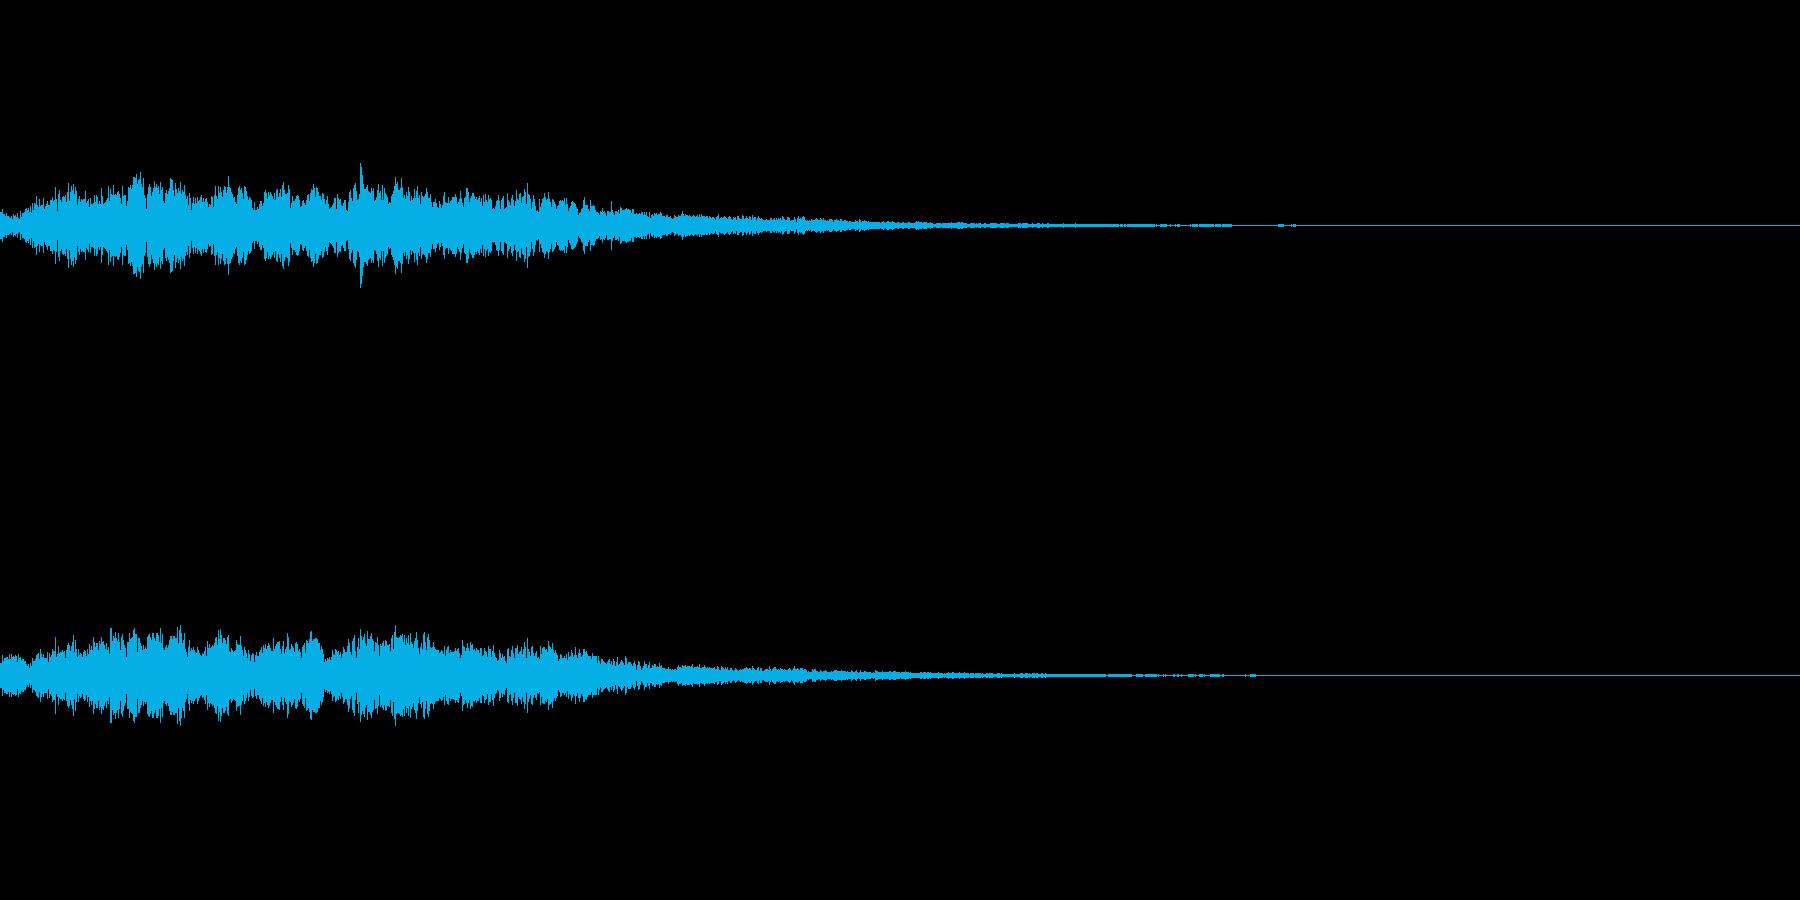 システム音 決定 セーブの再生済みの波形